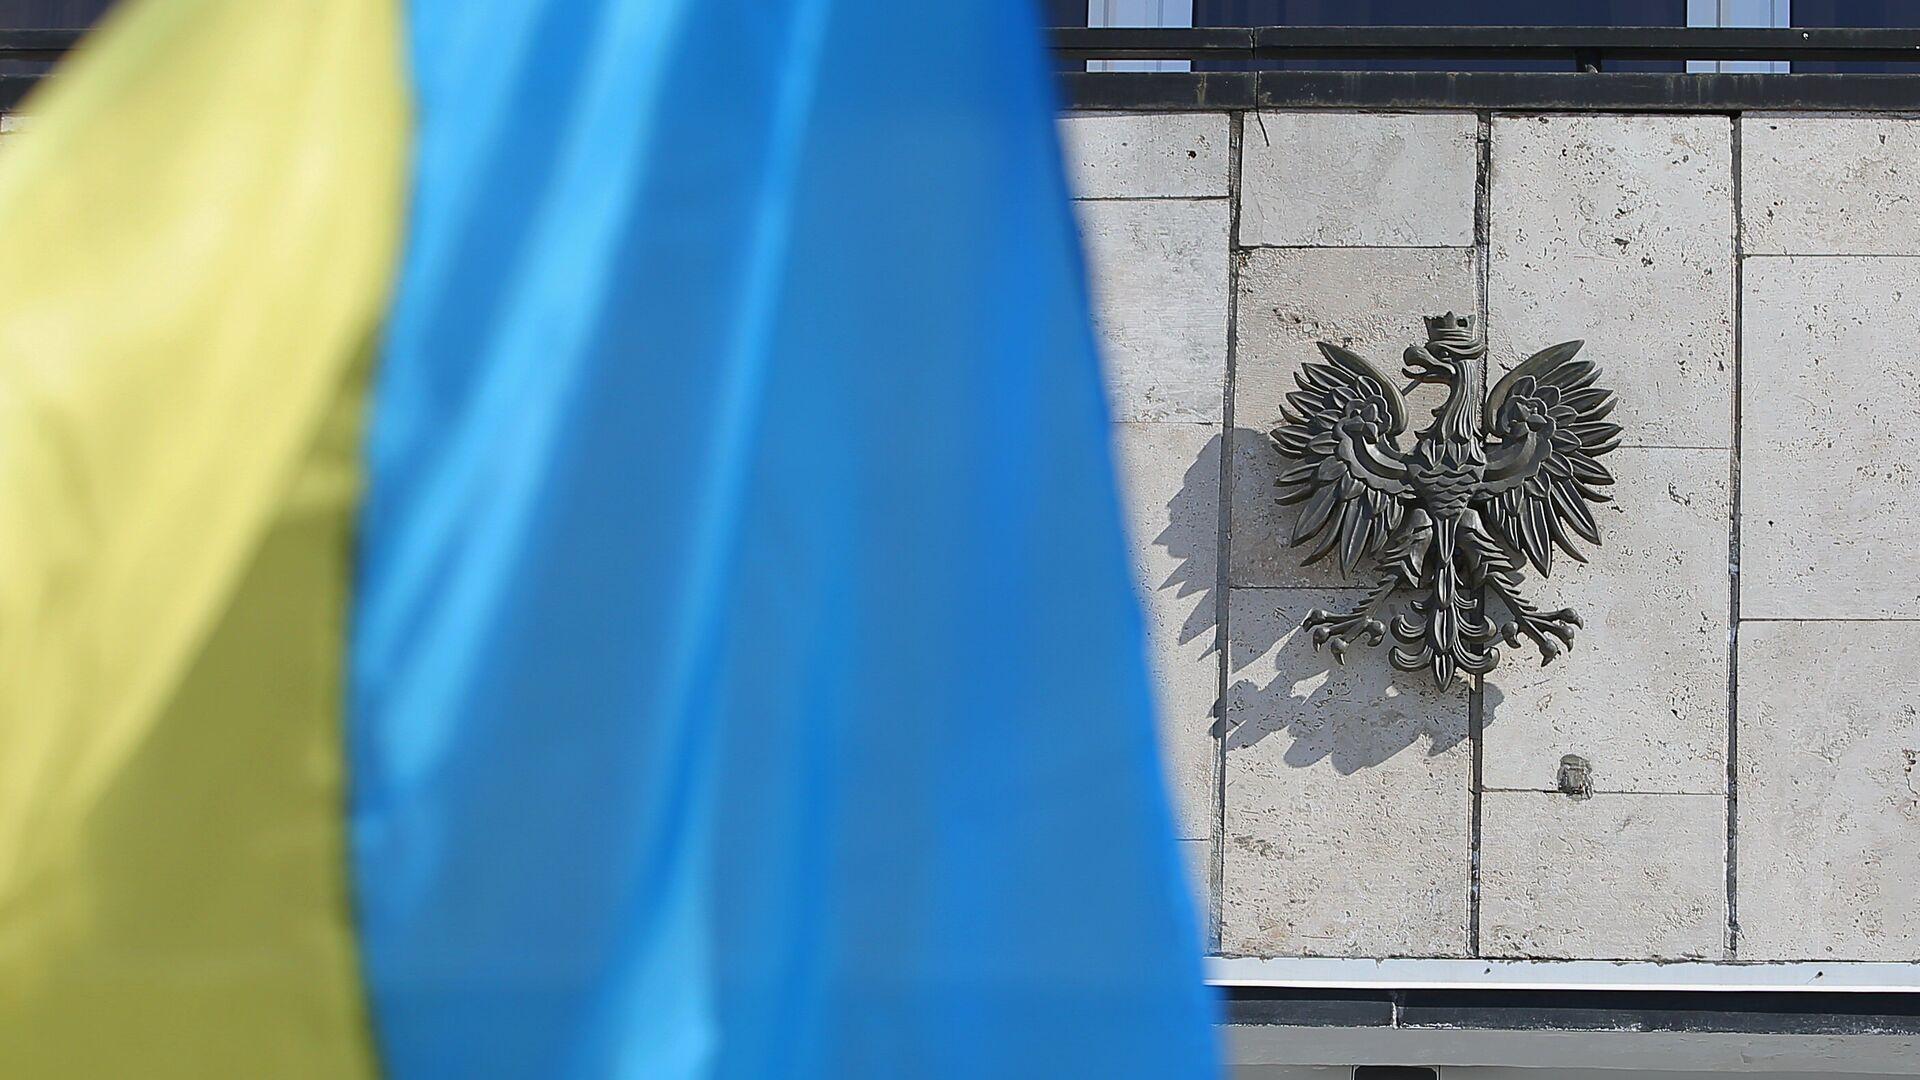 Государственный флаг Украины у посольства Польши в Киеве. 22 марта 2018 - РИА Новости, 1920, 31.08.2021